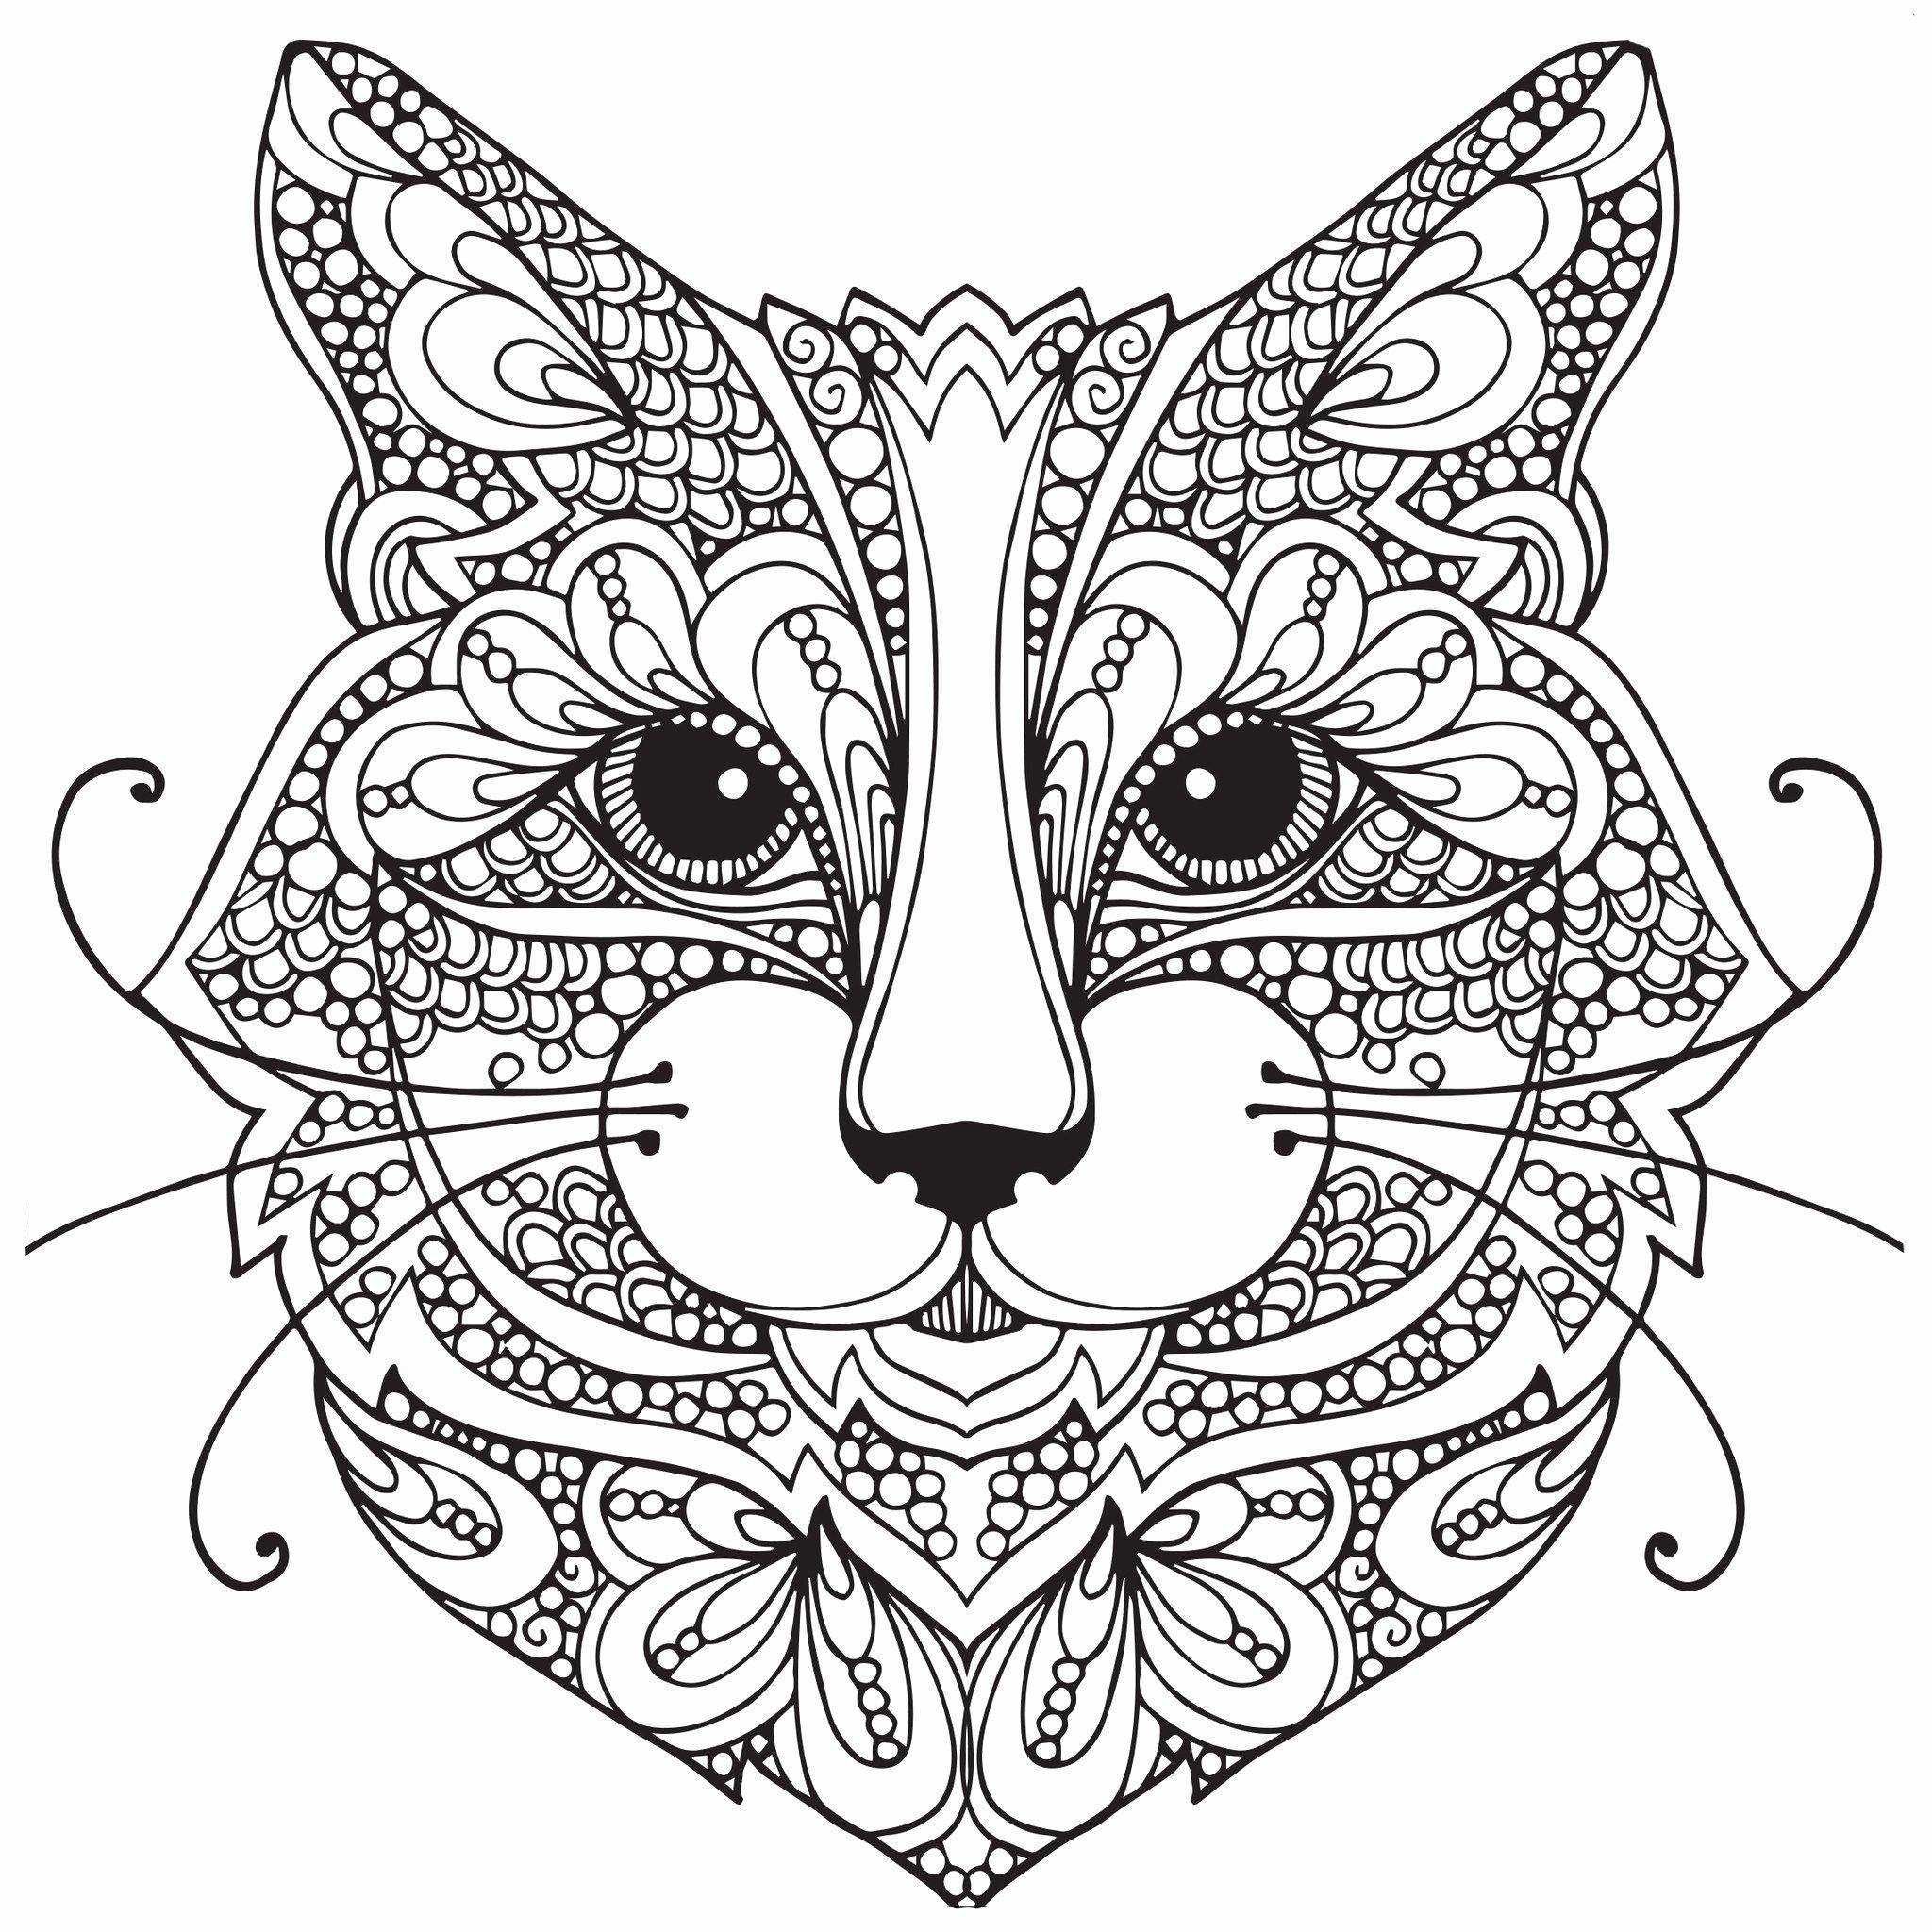 Tranh tô màu mặt mèo họa tiết rất đẹp